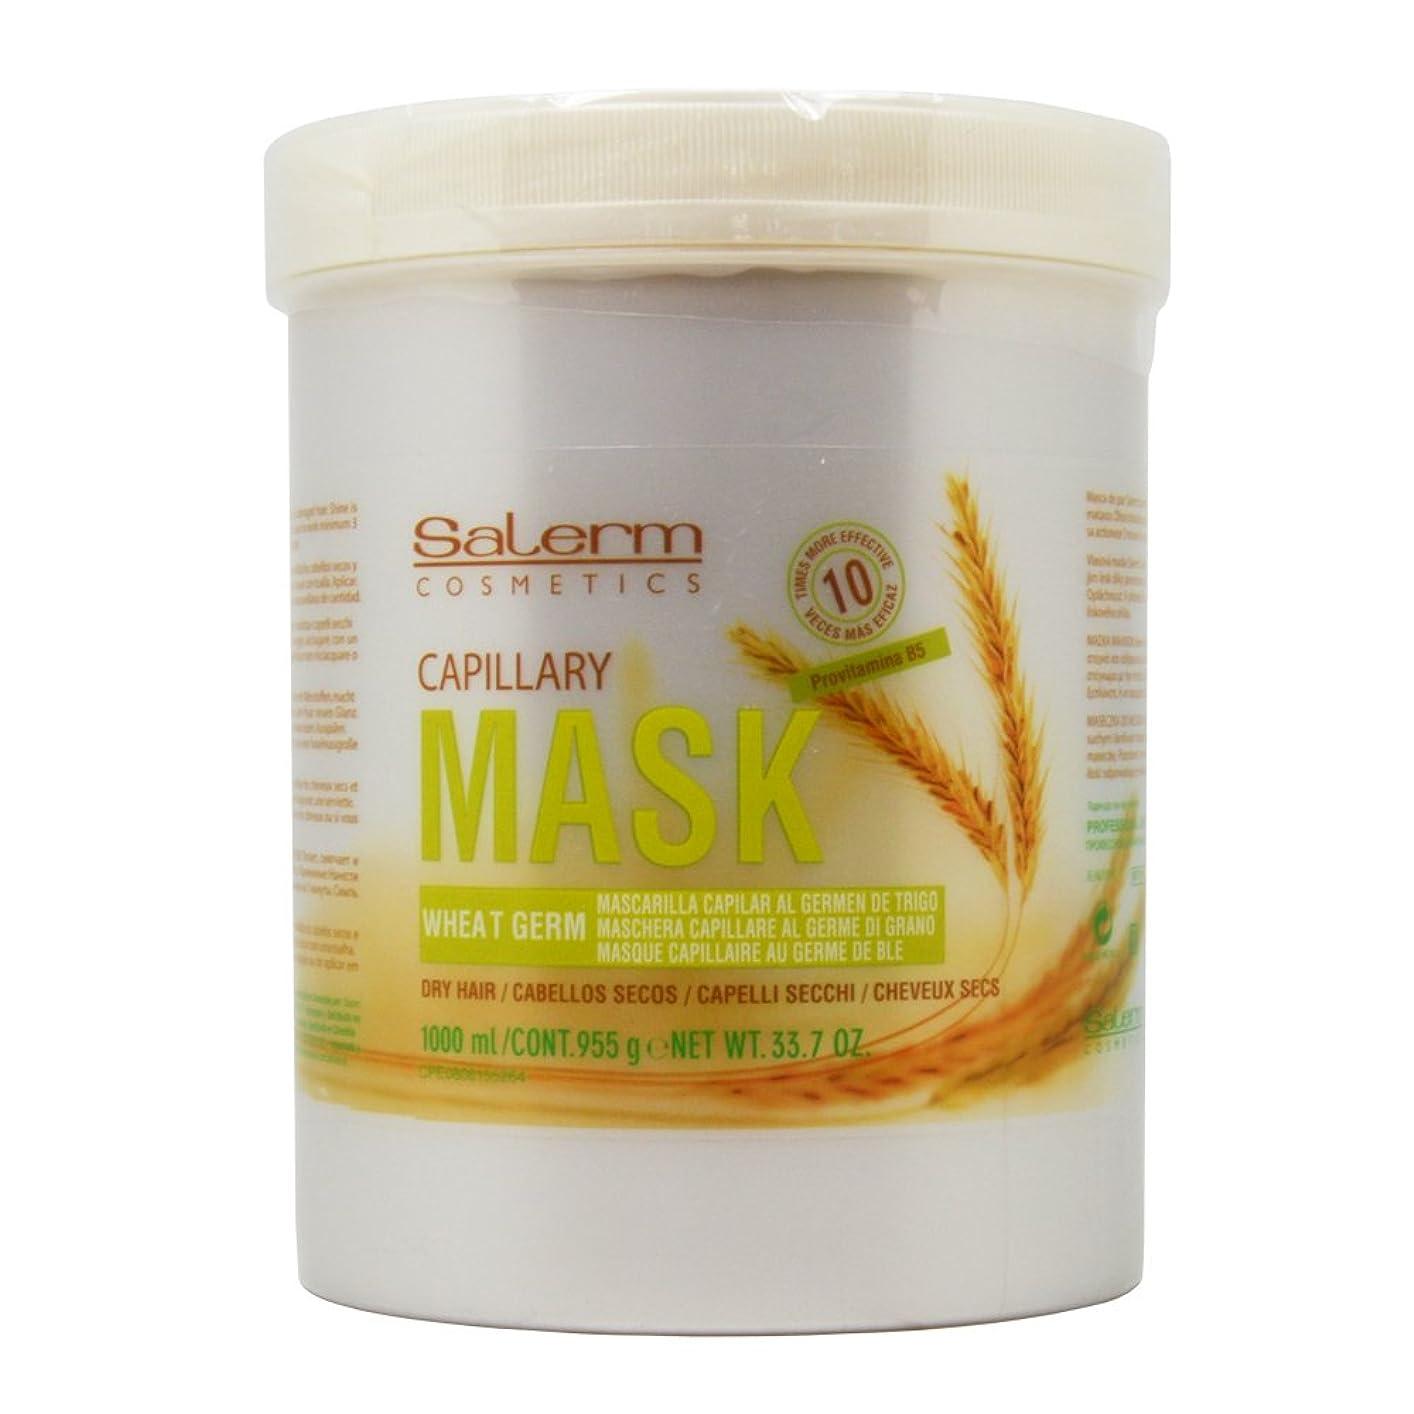 死速度特徴づけるCapillary Mask by Salerm Salerm化粧品小麦胚芽キャピラリーマスク、ドライ髪のためのプロビタミンB5 33.7オンス/千ミリリットル - largeリットルサイズ